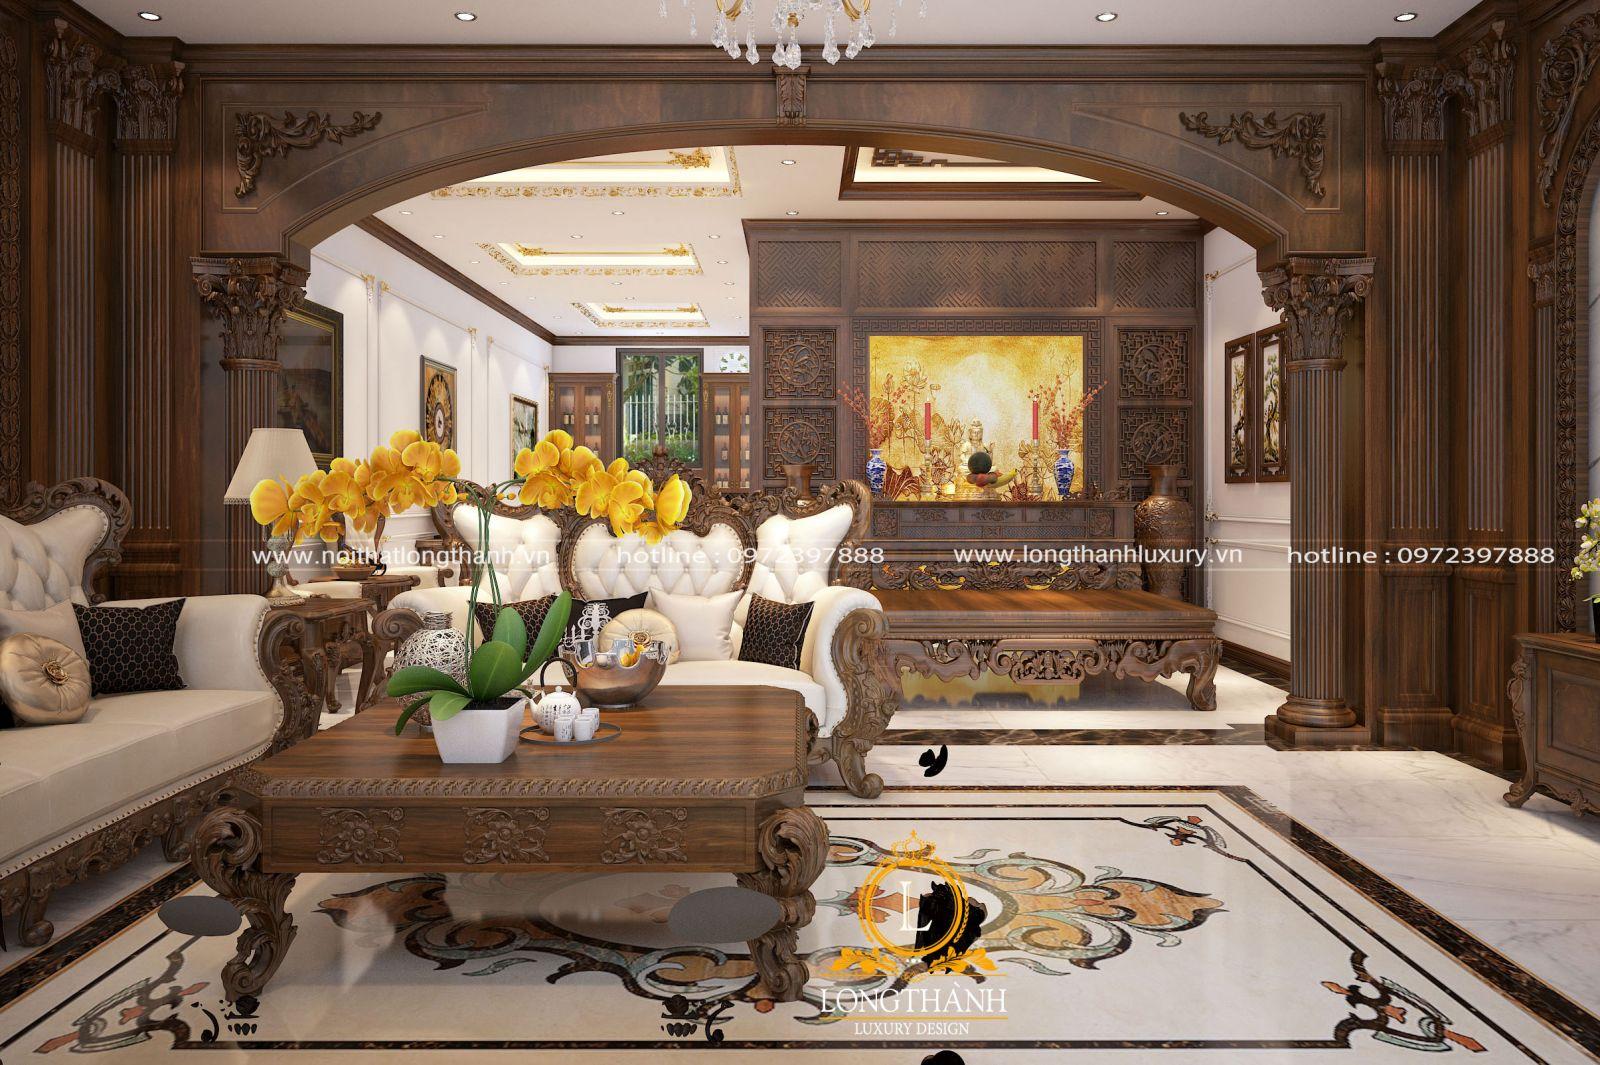 Không gian phòng khách thiết kế kết hợp với khu thờ cúng trang trọng